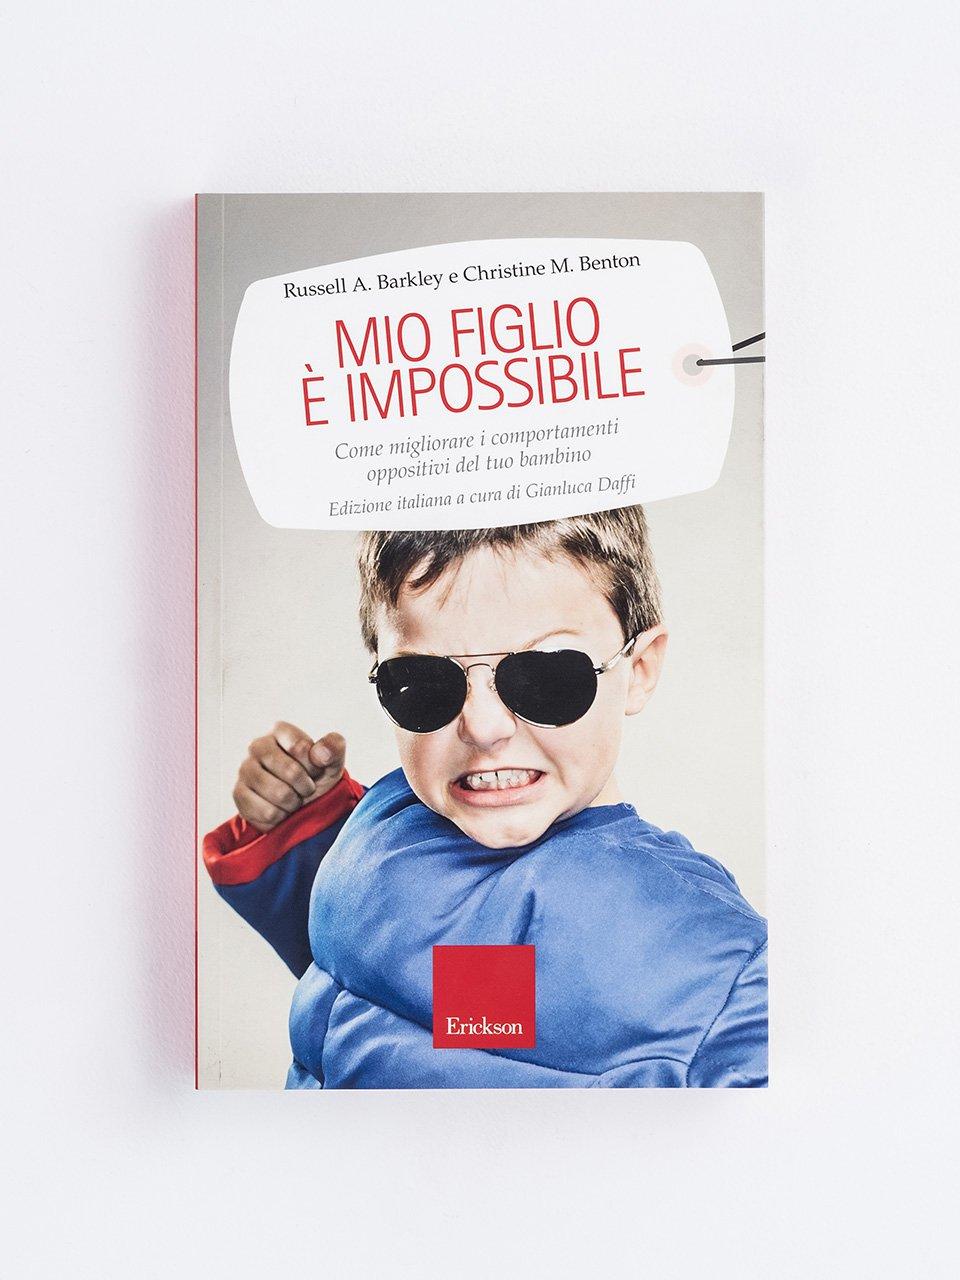 Mio figlio è impossibile - Libri - Erickson